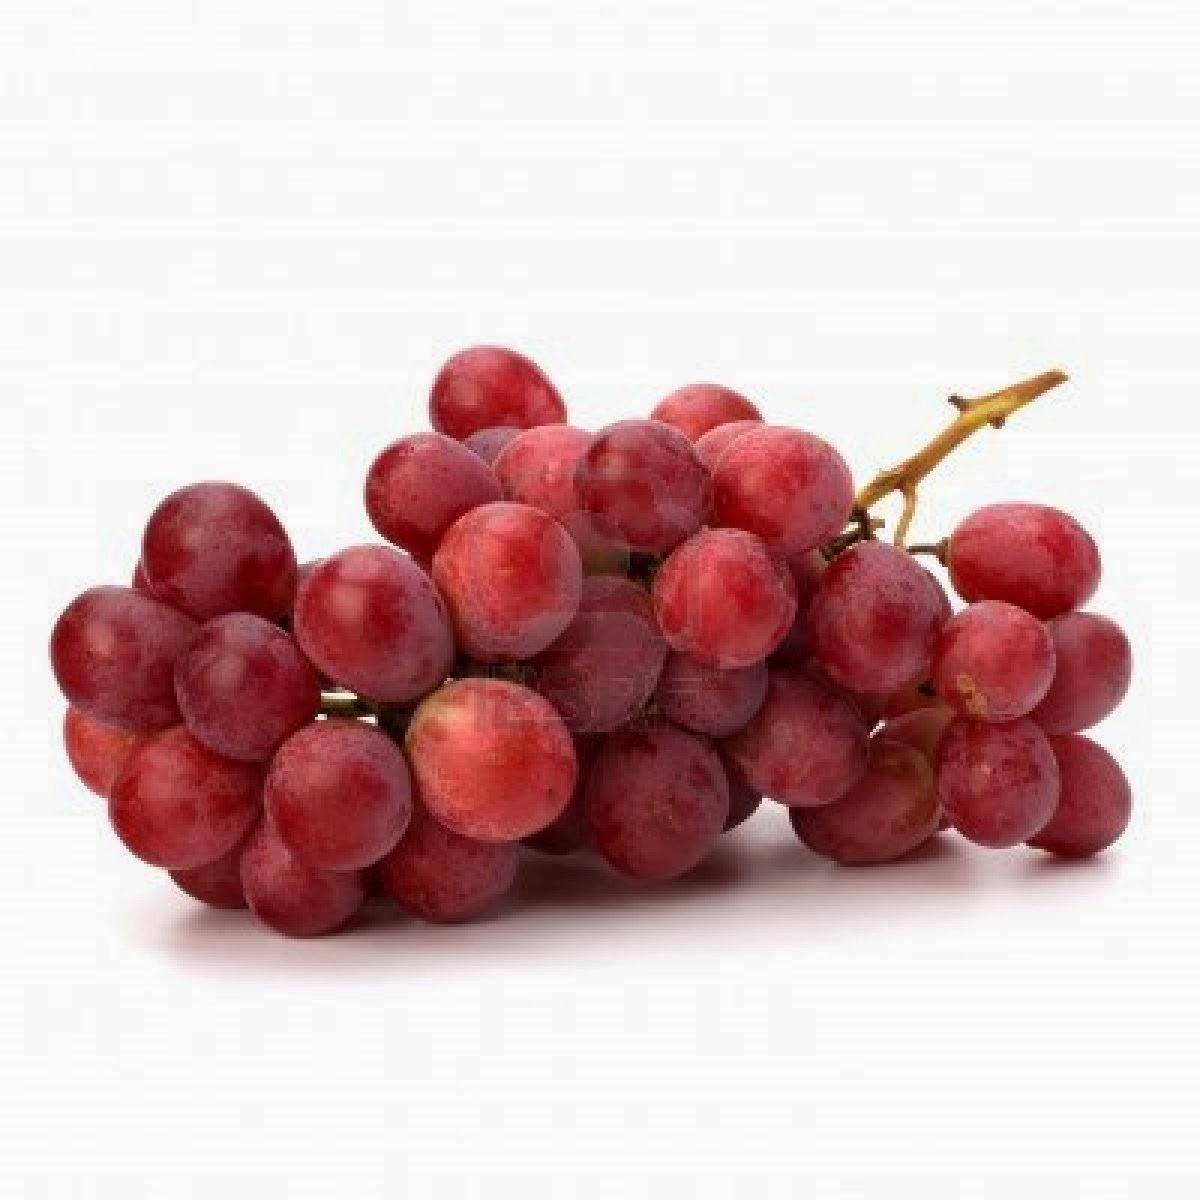 La gu a de nutrici n beneficios de las uvas - Frutas diureticas y laxantes ...